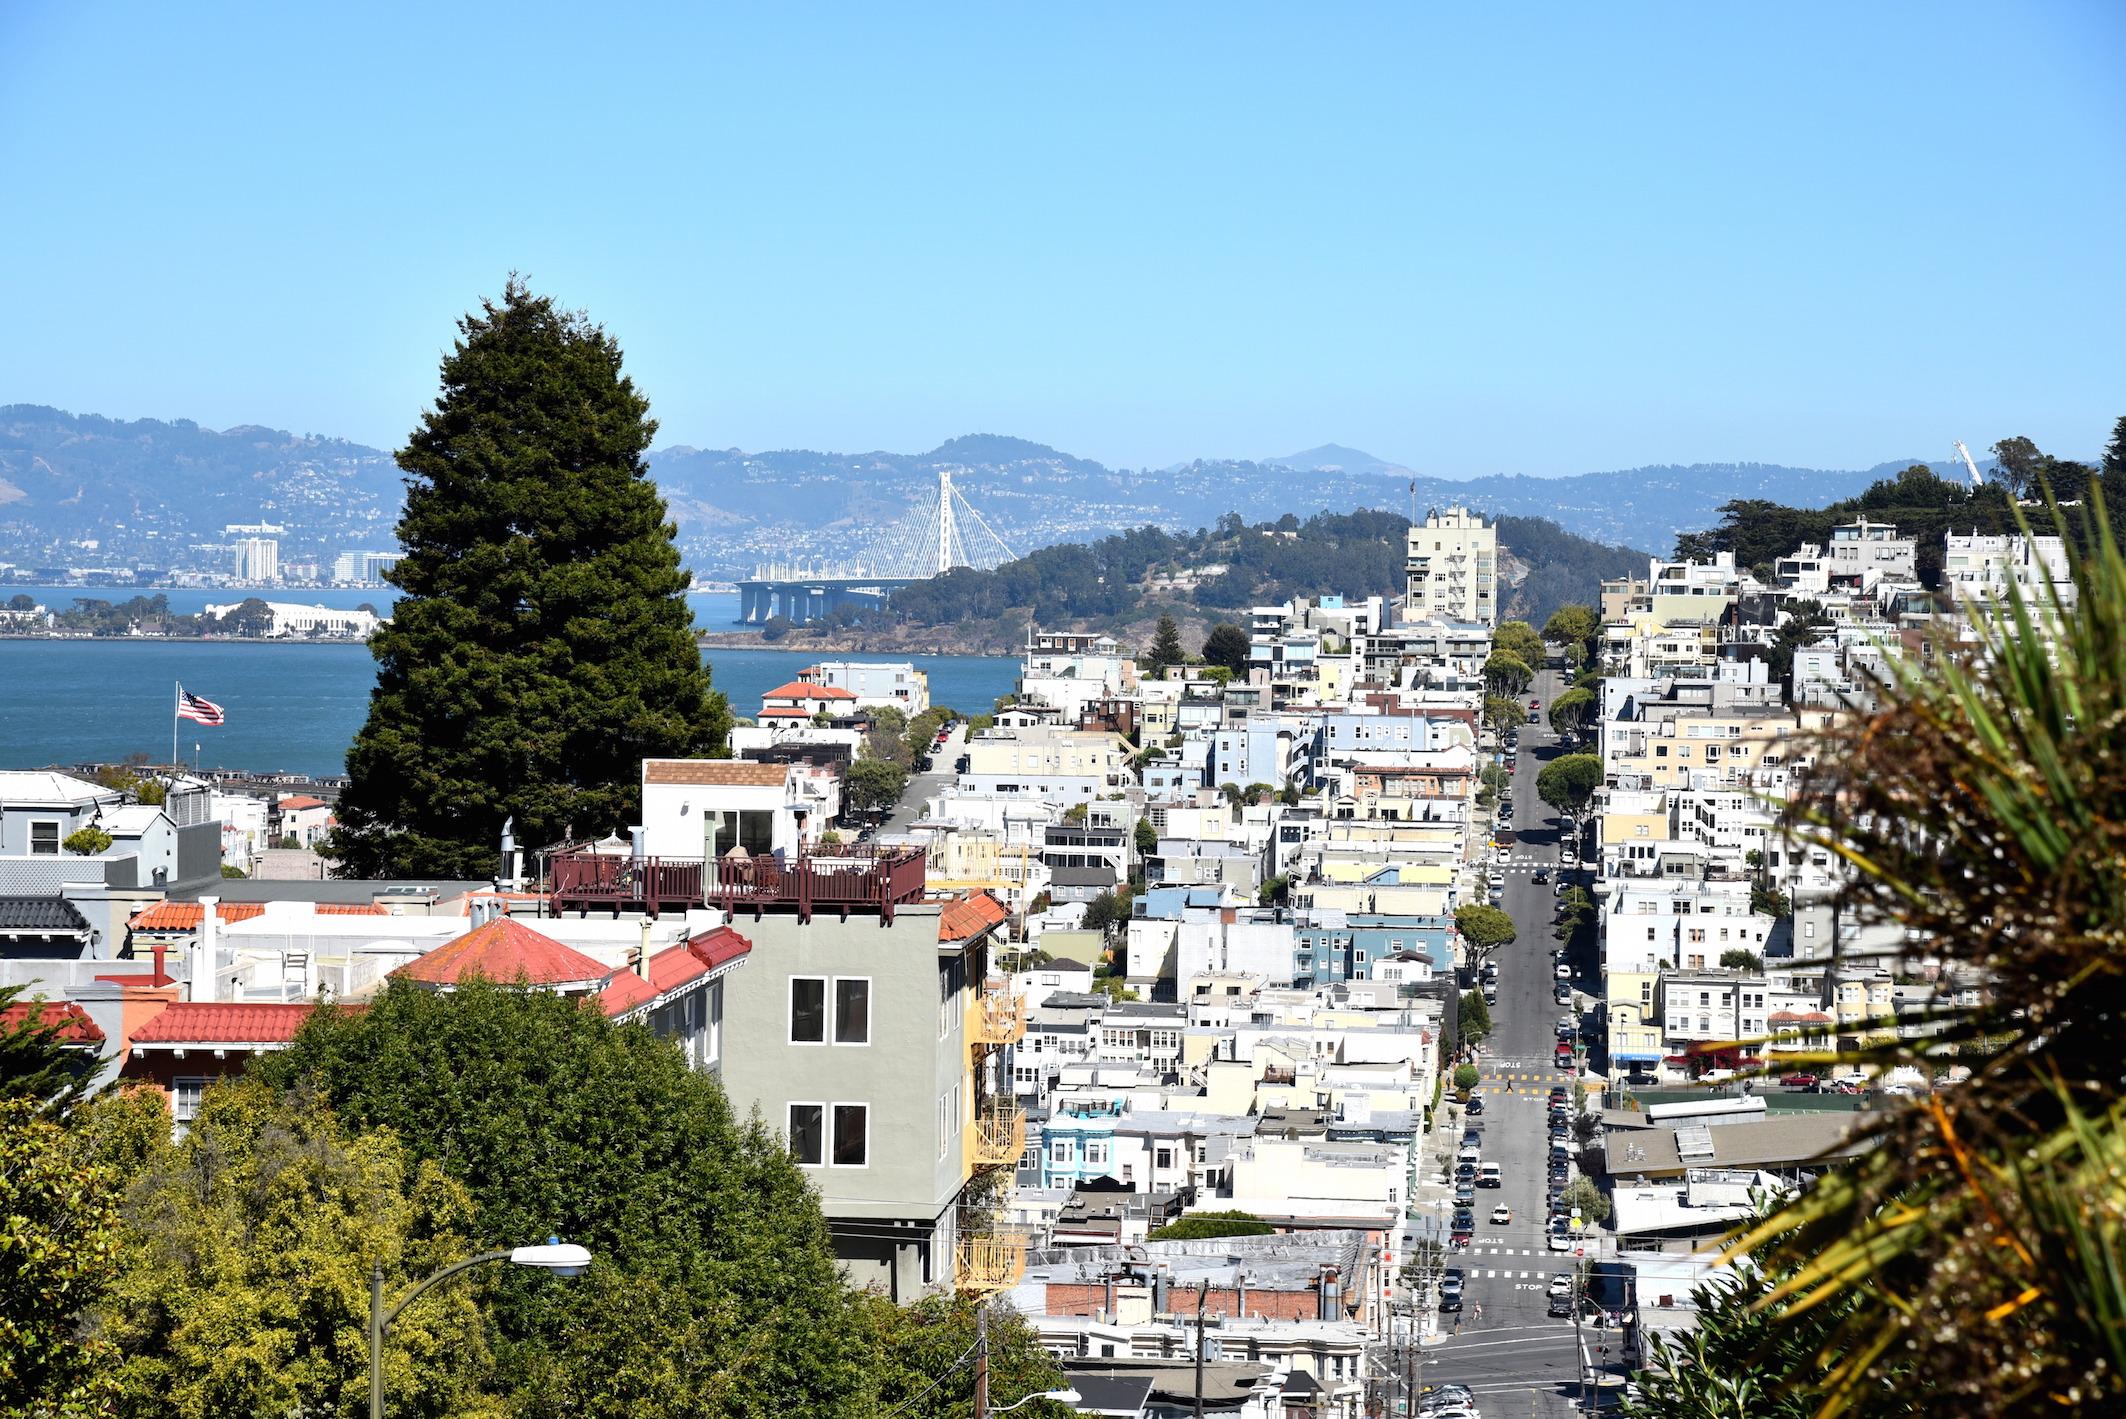 Visiter San Francisco blog voyage 2016